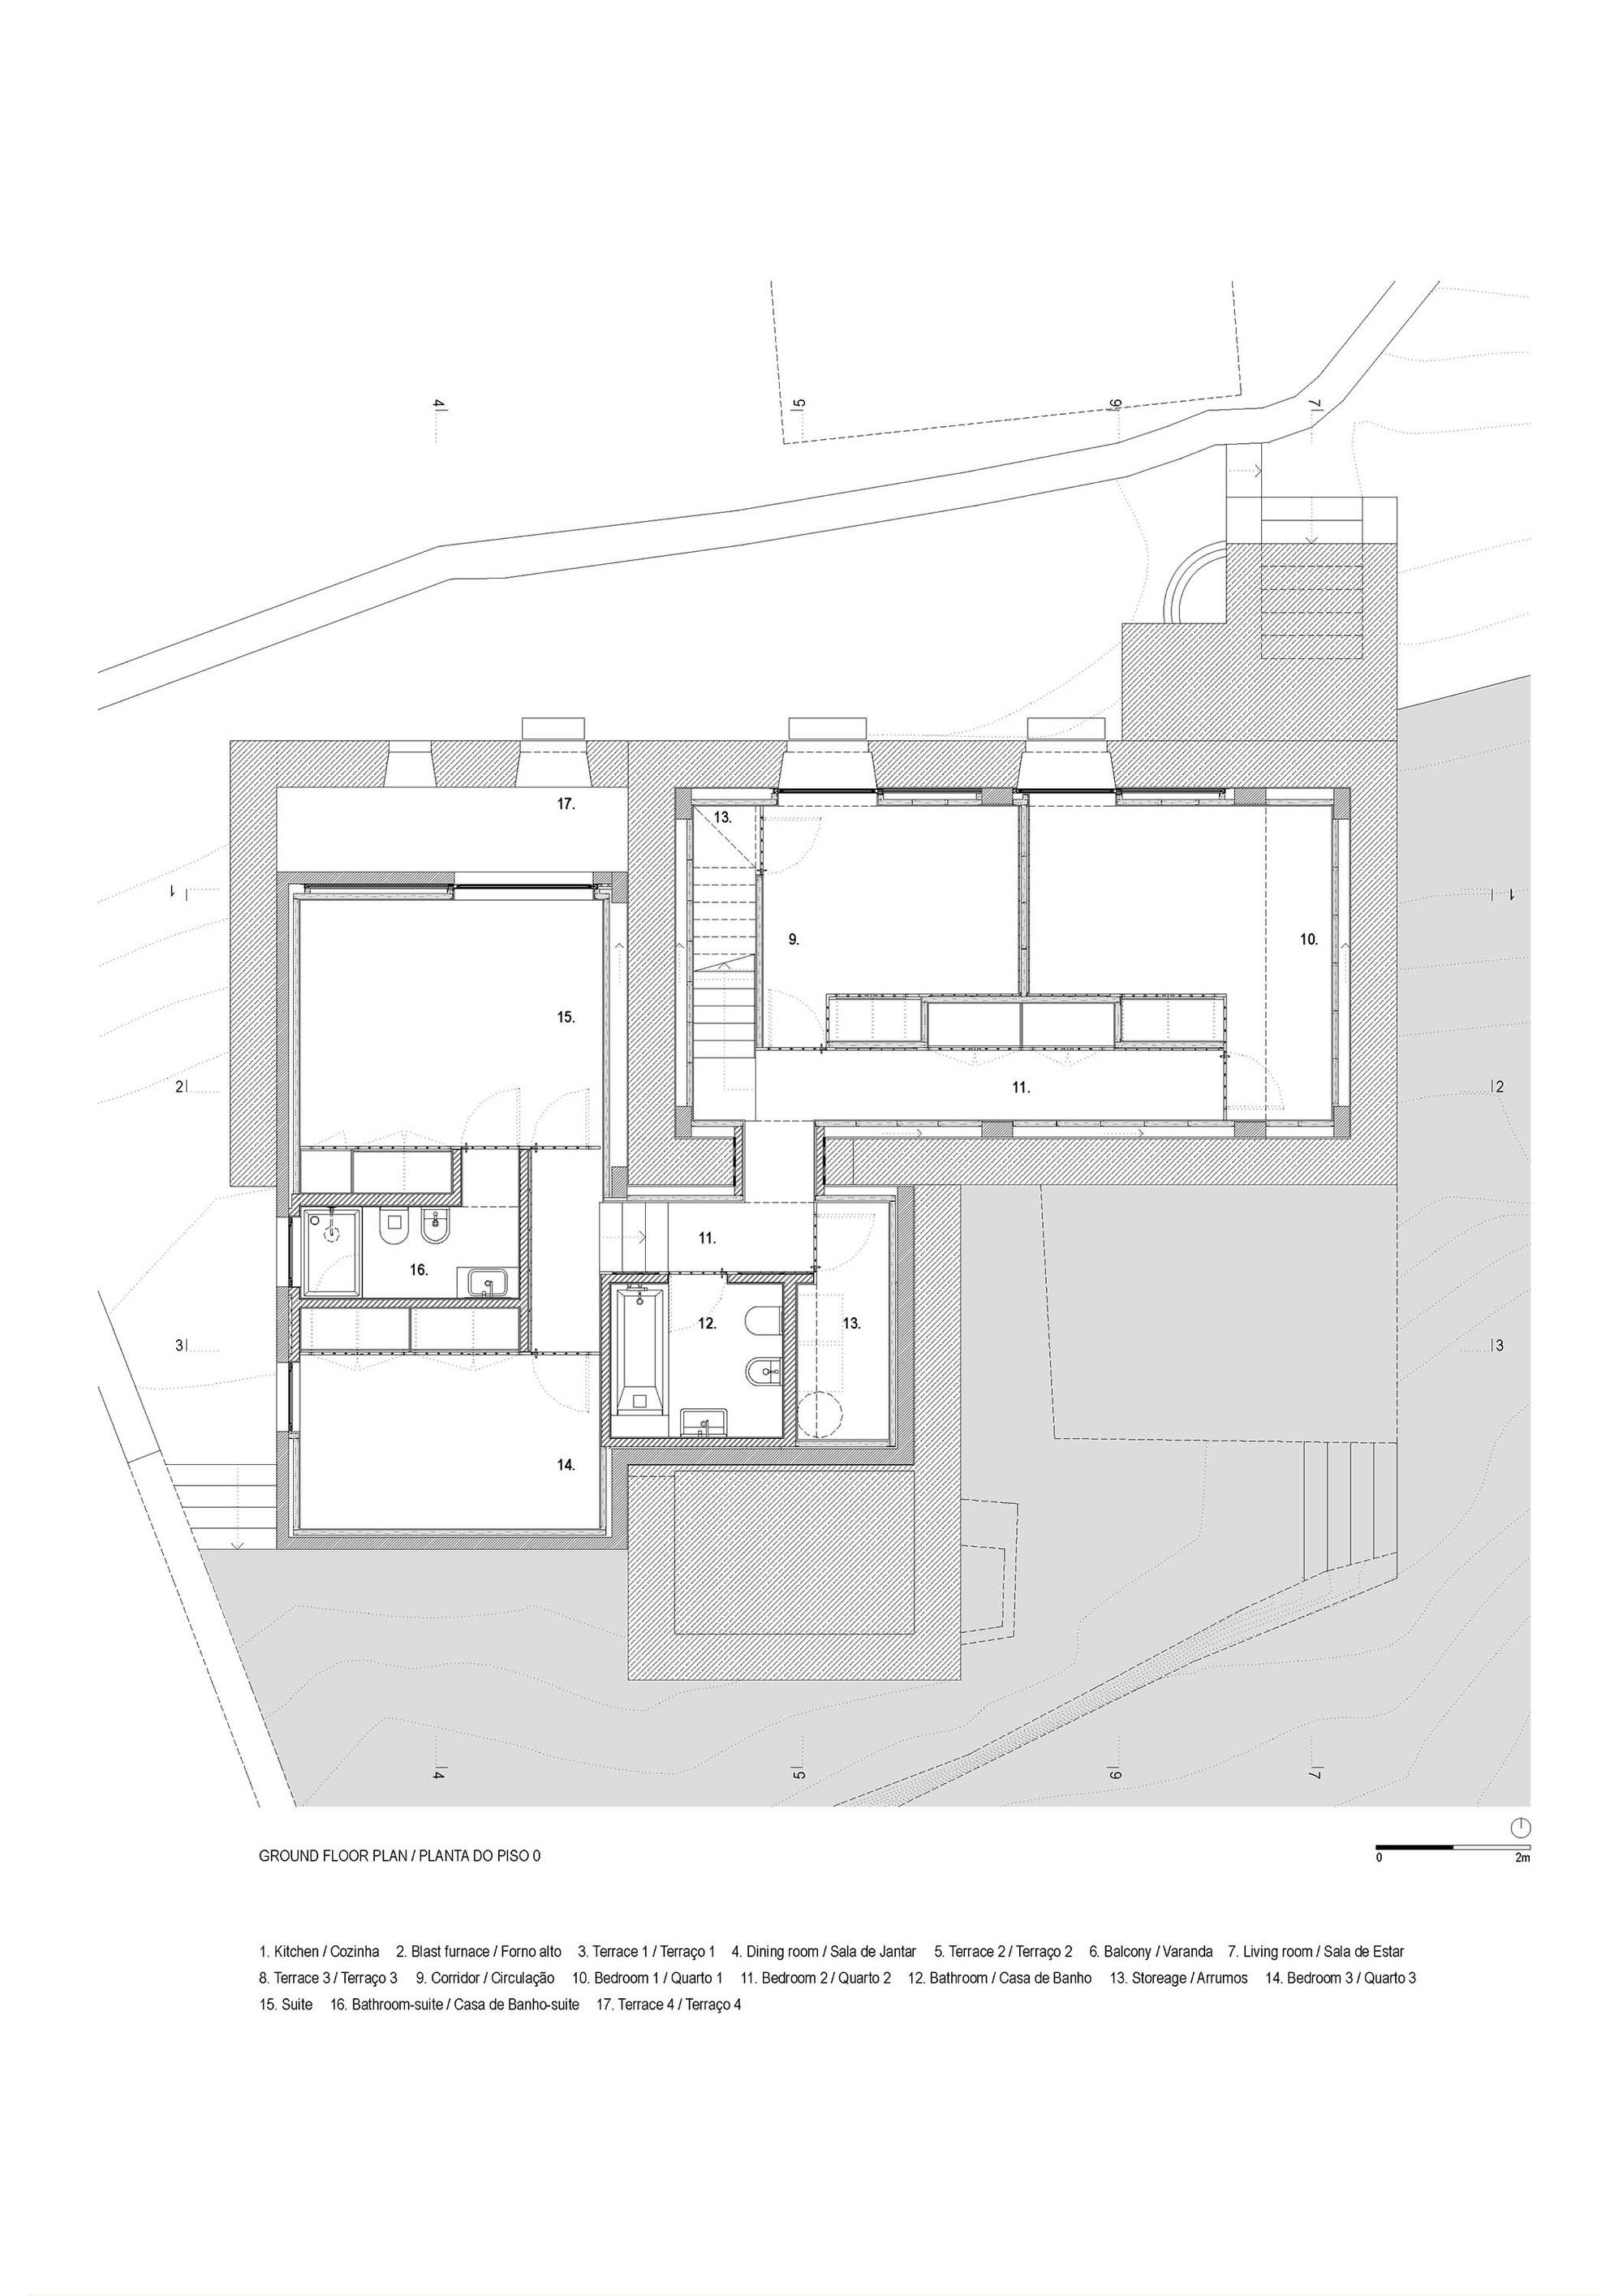 EC-House-just3ds.com-11